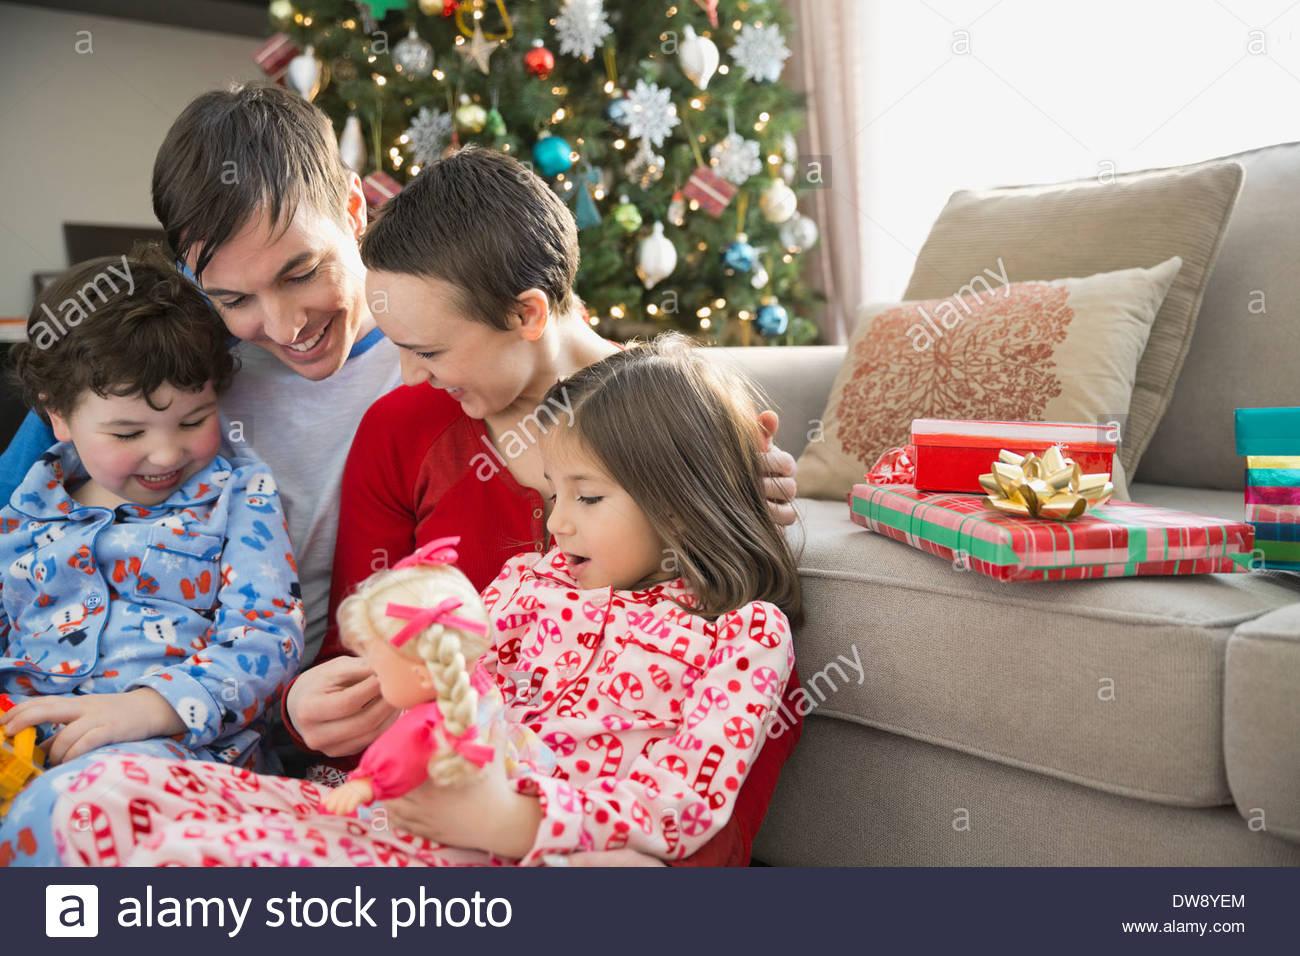 Famiglia trascorrere il tempo libero a casa durante il periodo di Natale Immagini Stock